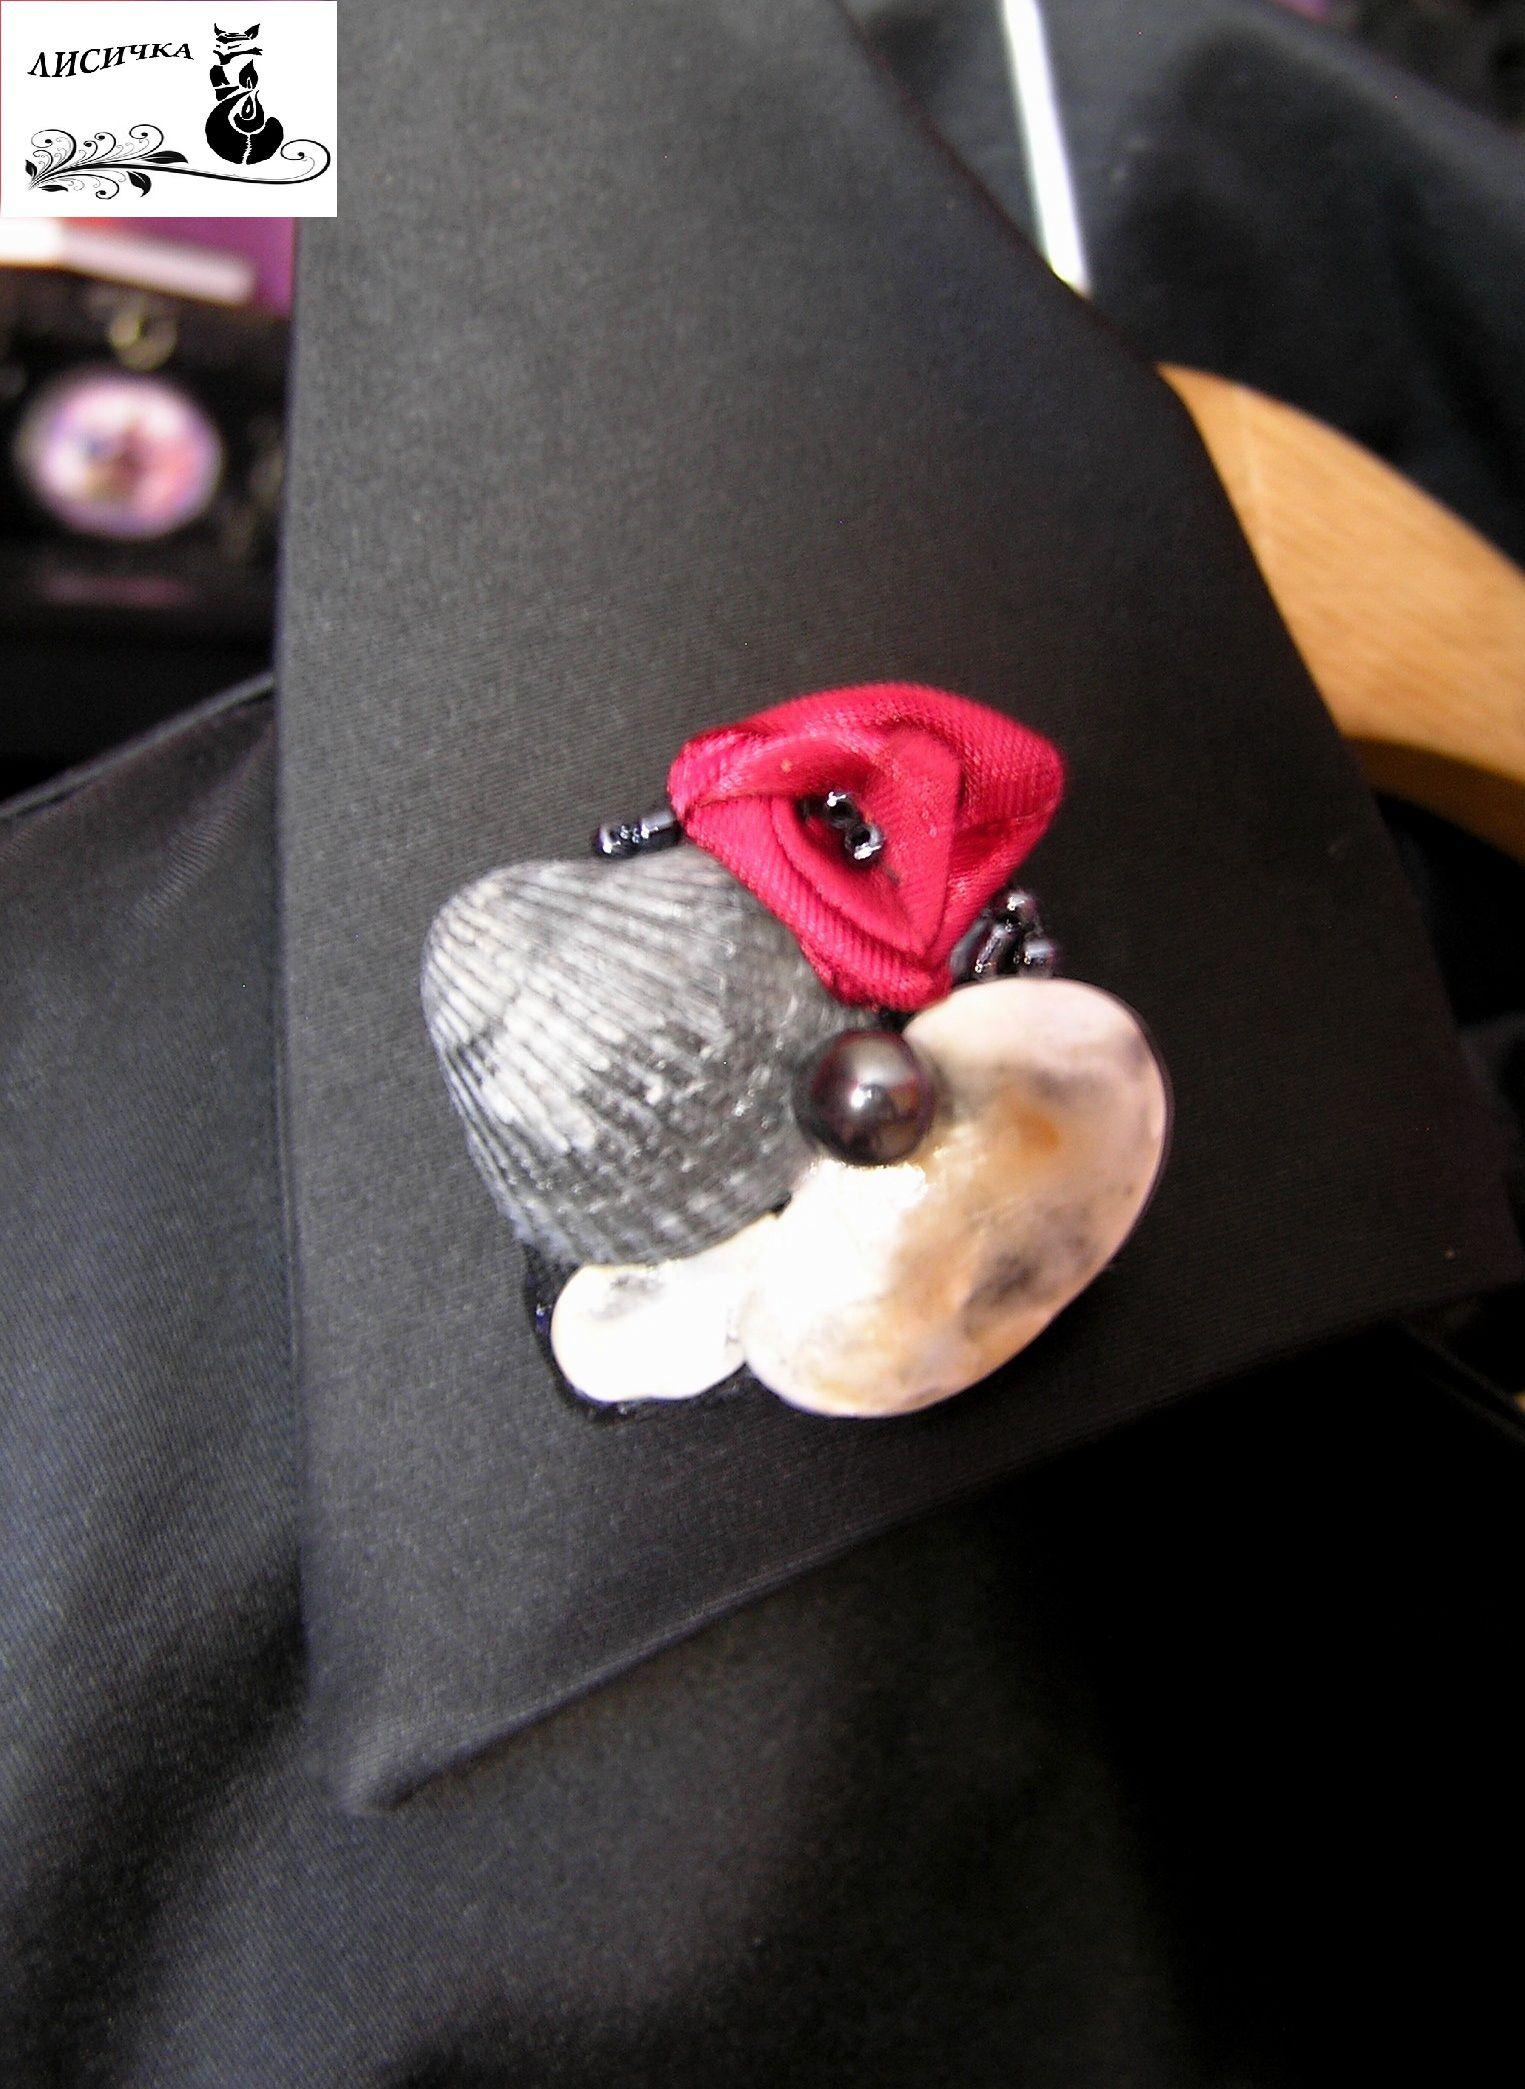 подарокдевушке перламутр подарокженщине брошьсракушкой украшениесперламутром авторскаябижутерия брошьсперламутром брошкасперламутром брошь авторскиеукрашения